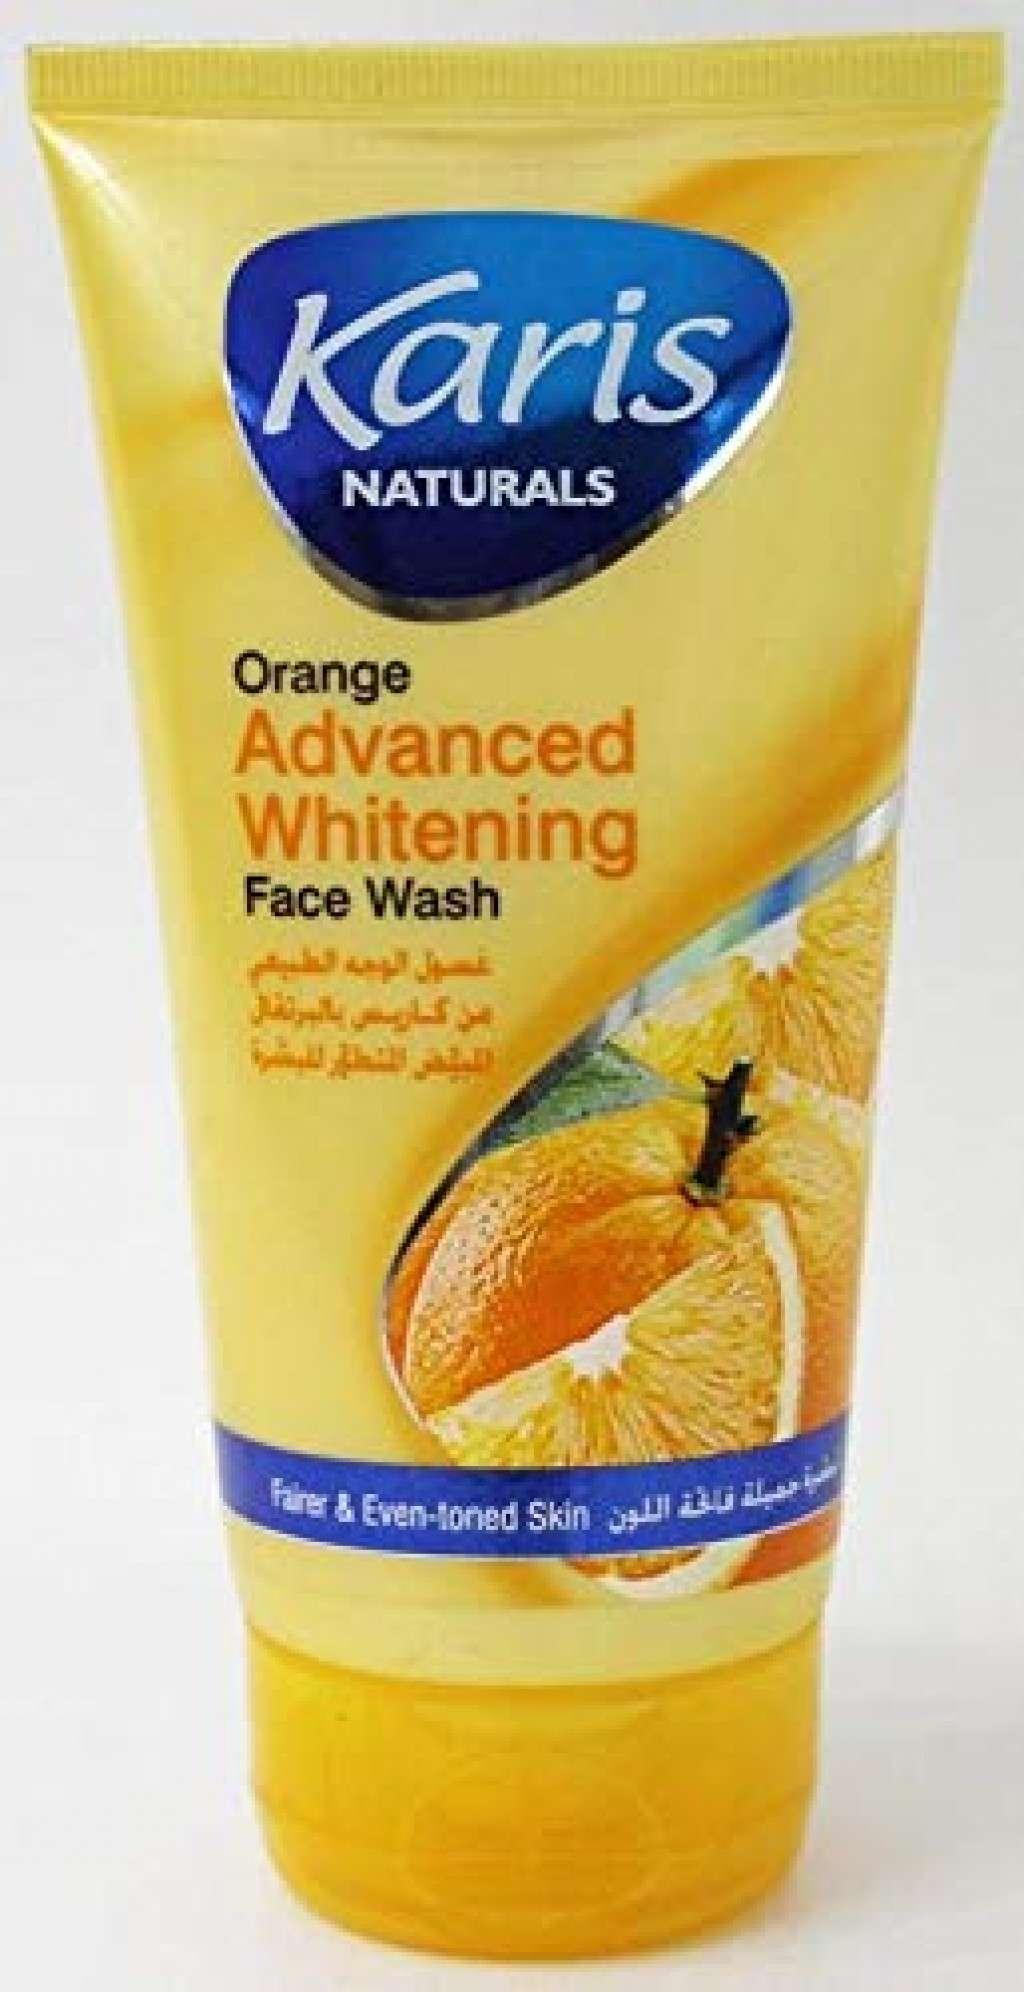 غسول الوجة بالبرتقال المبيض المتطور -كاريس